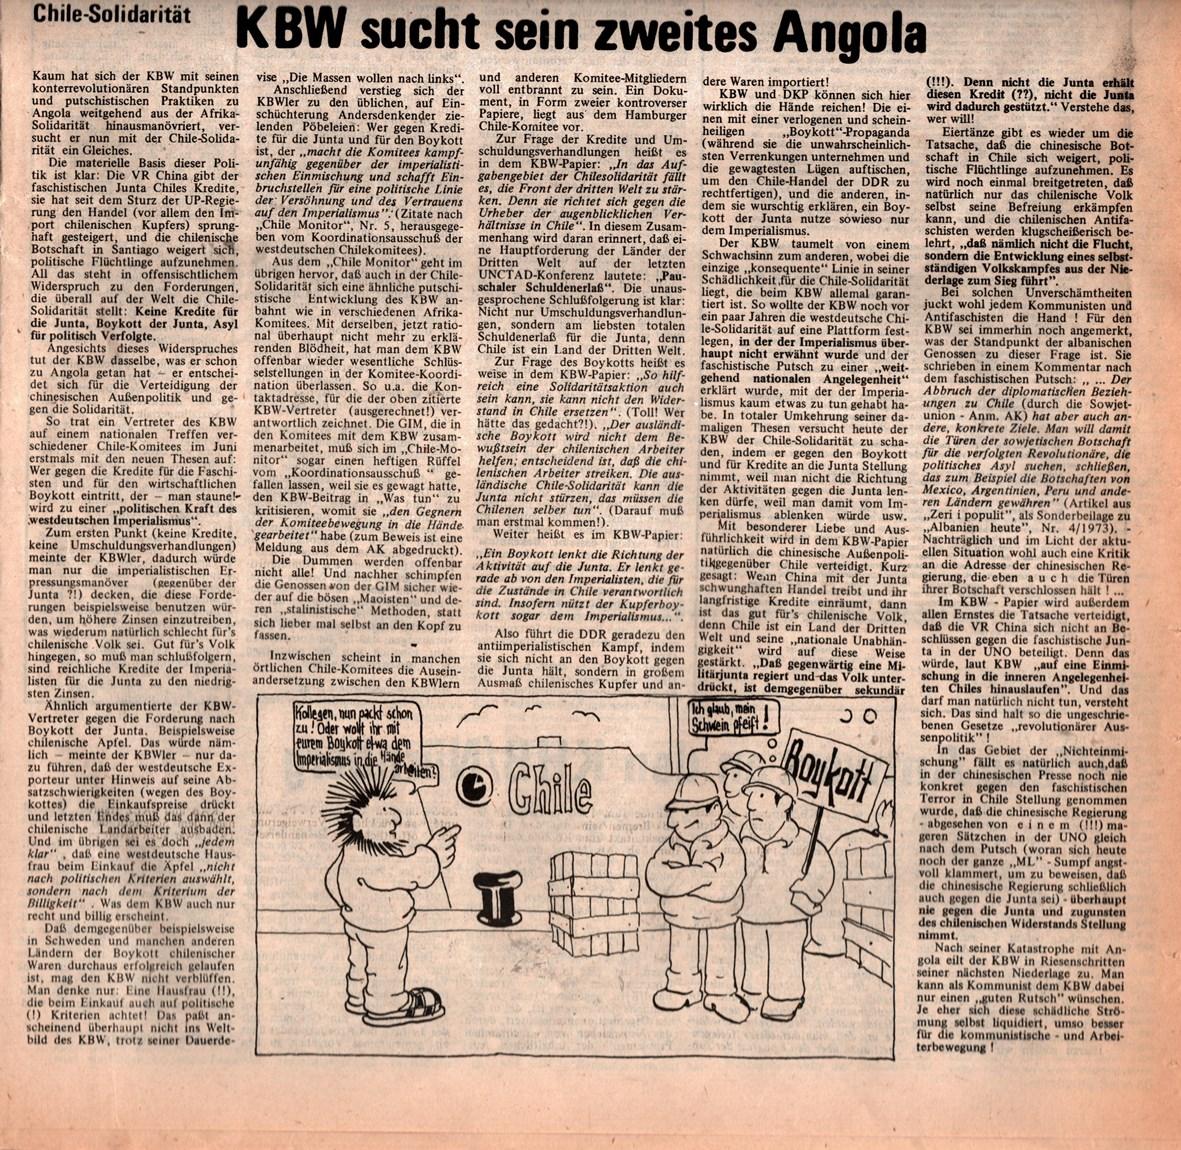 KB_AK_1976_088_086